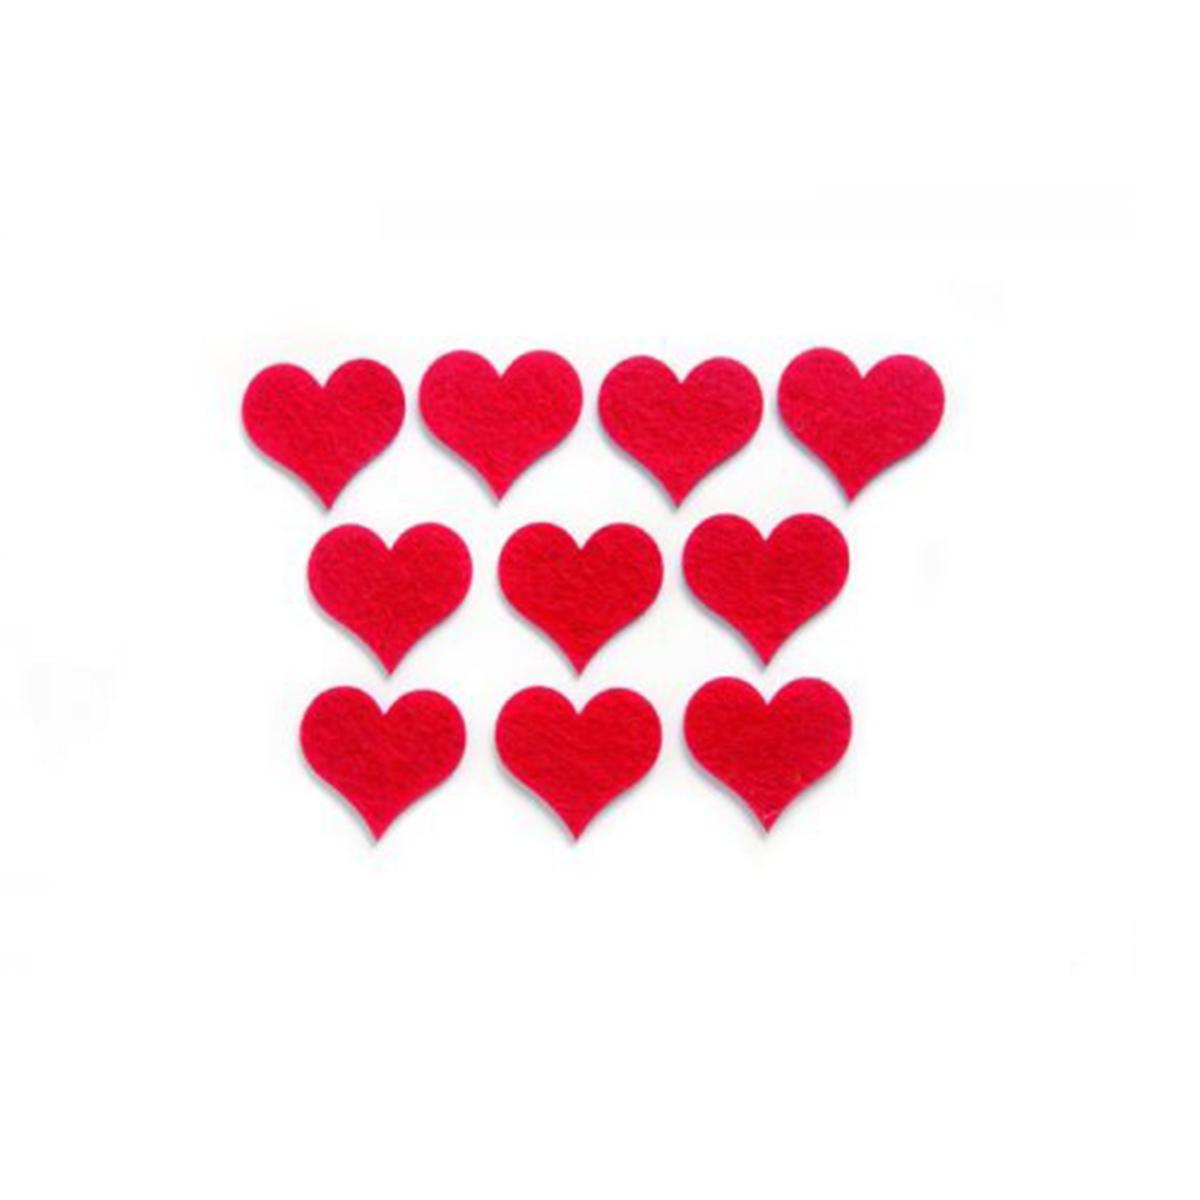 Фигурки из фетра Glorex Сердца, цвет: красный, 4 см, 10 штC0042416Фетр пользуется большой популярностью среди рукодельниц. Его любят за эстетичный вид, практичность и отличную текстуру. Из данного материала вашему вниманию предлагаются заготовки Glorex. Широкое разнообразие цветов и форм поможет реализовать творческие задумки и гармоничным образом дополнить ваше творение. Из фетра можно создавать обложки для книг, ежедневников, игрушки, декоративные чехлы для подушек и многое, многое другое.